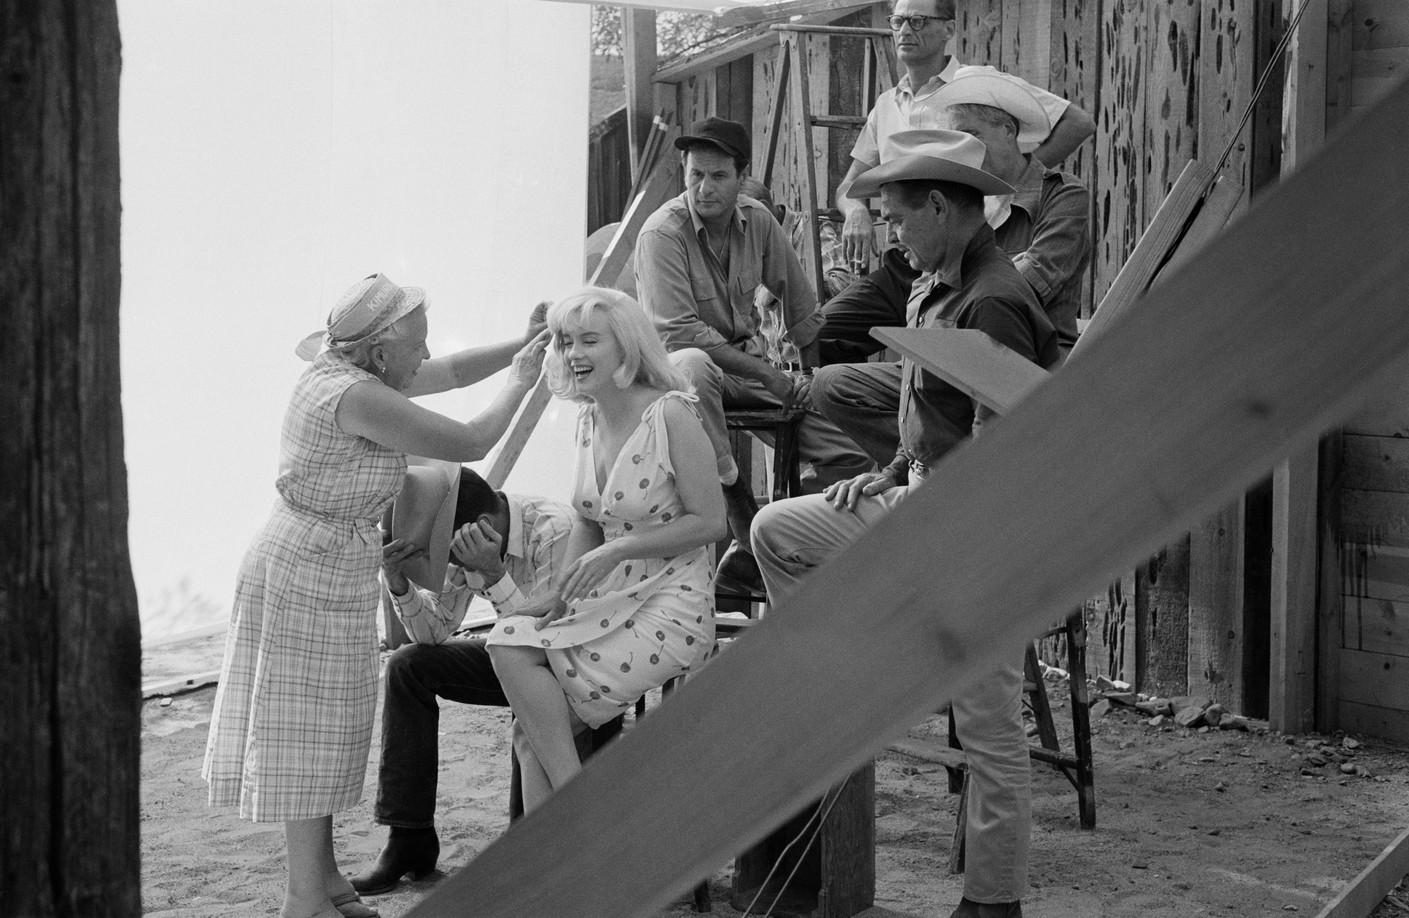 Кроме Эрнста Хааса съемки документировали еще восемь фотографов, втом числе Анри Картье-Брессон иЭллиотт Эрвитт.